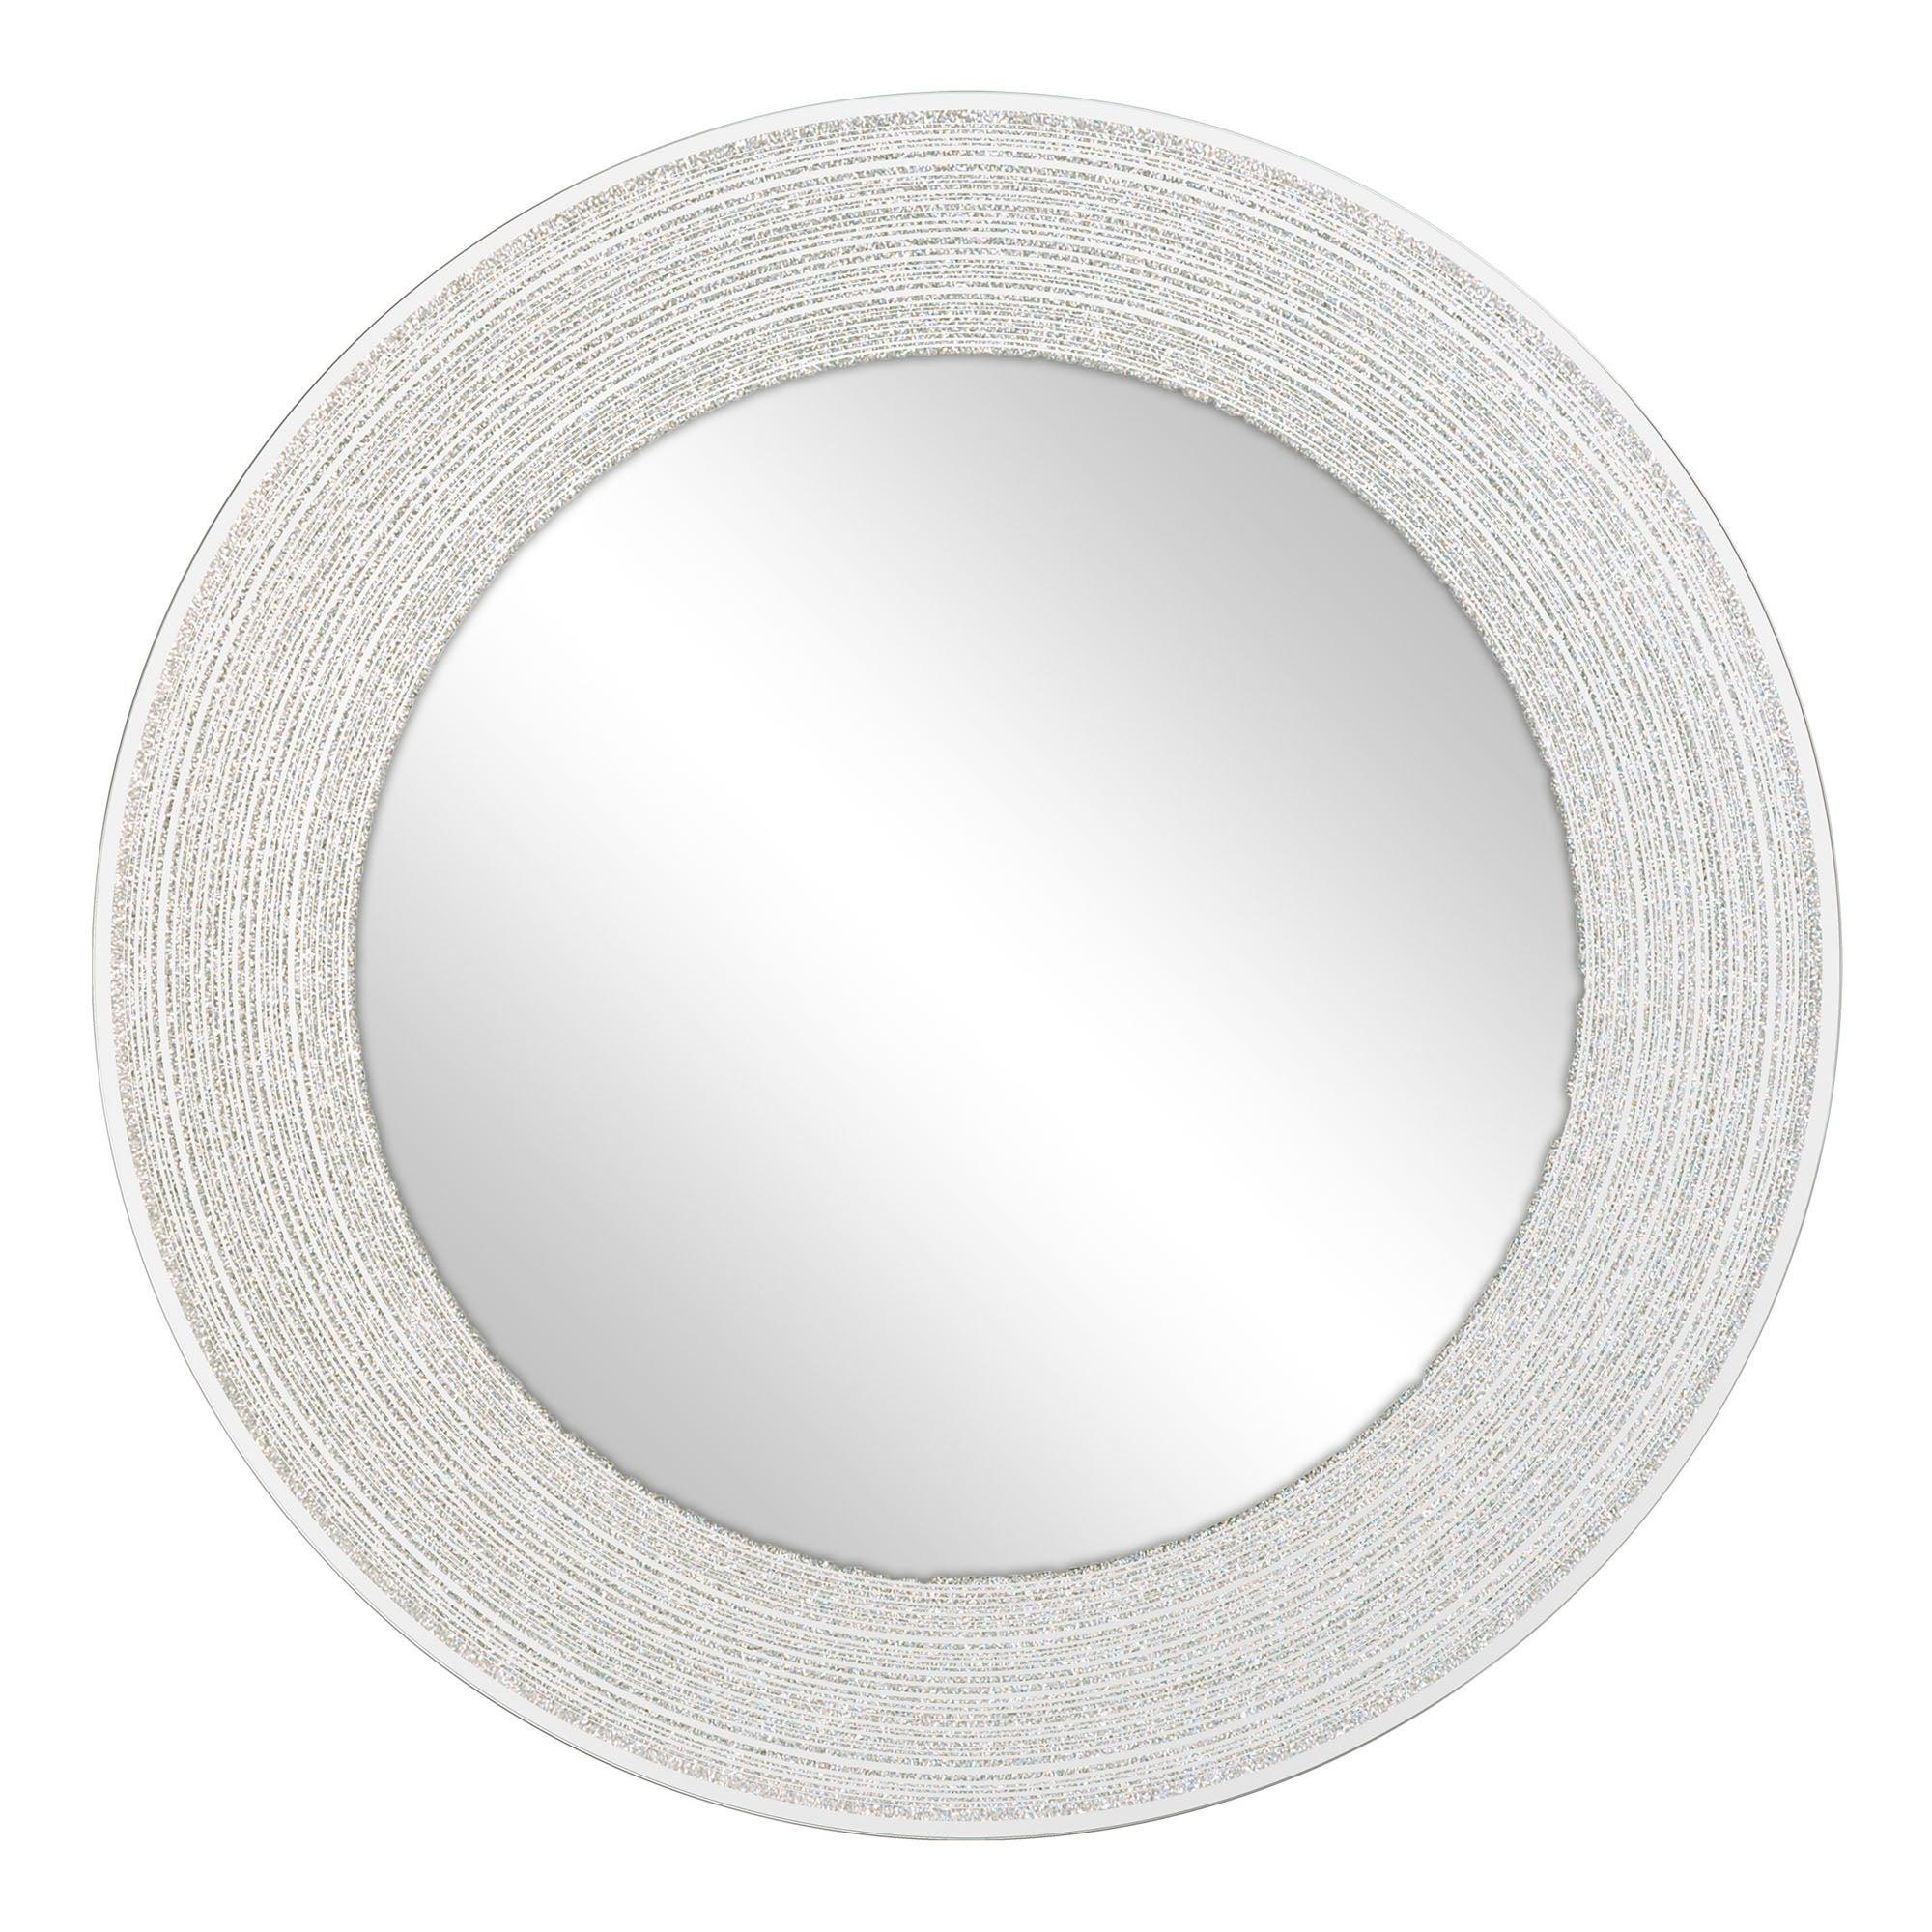 Photo of Sparkle circular mirror silver